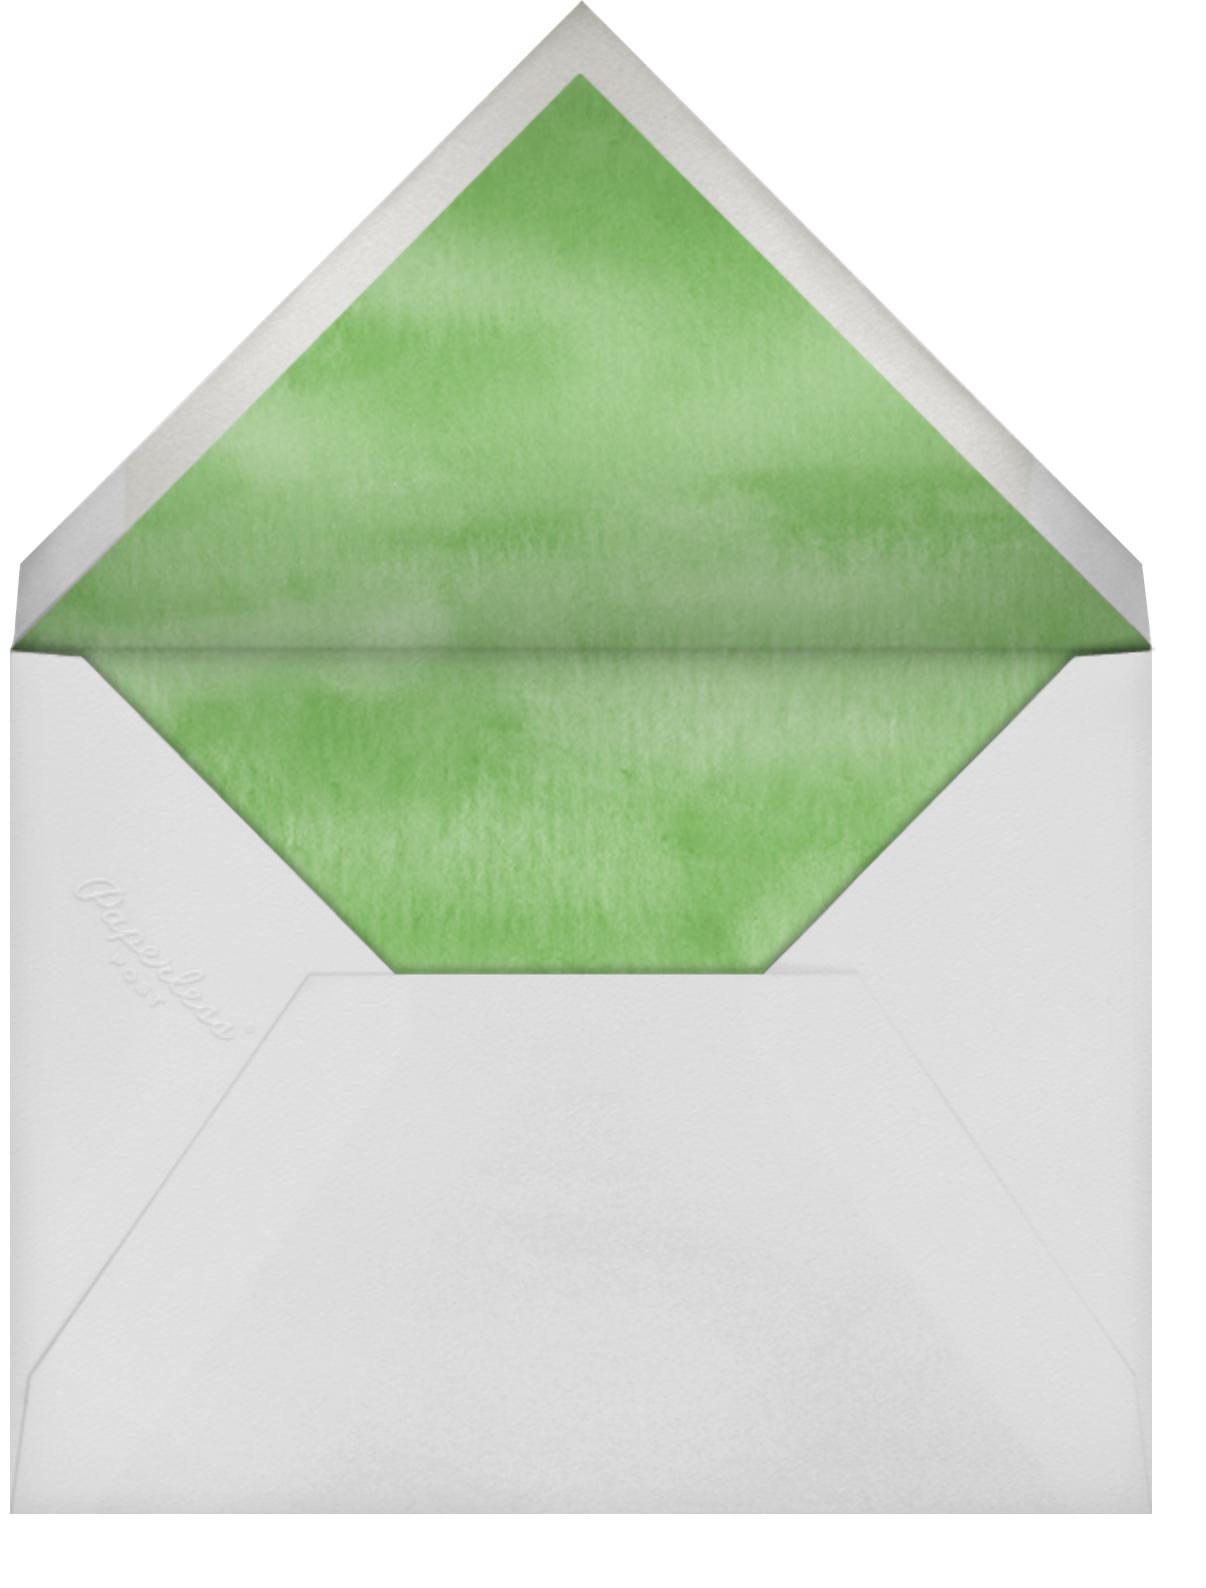 Naiad - Felix Doolittle - Envelope